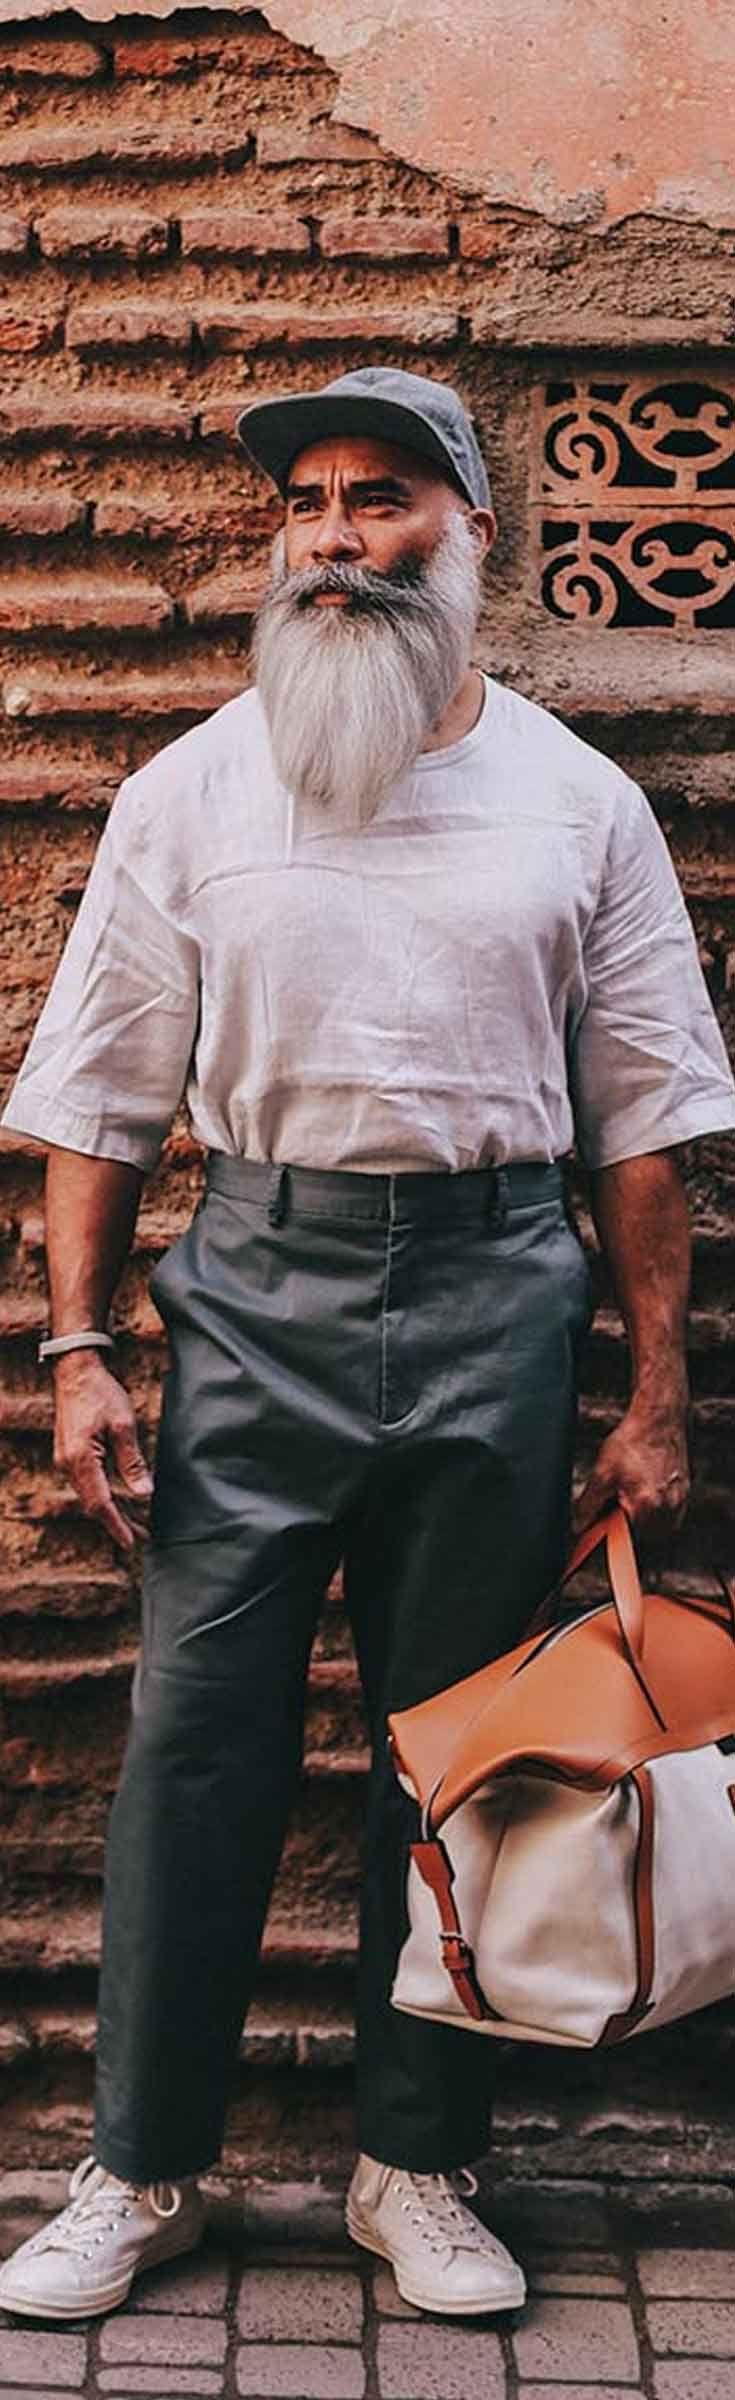 De Pig & Hen armbanden zijn handgemaakt in Amsterdam. Door het gebruik van authentieke schipperstouwen varen zij mee op de Nederlandse erfenis. De armbanden van Pig and Hen zijn bedoeld om een leven lang te overleven. Ze zijn sterker dan staal en zal verouderen zoals je gerimpelde gezicht. Pig & Hen, sterker dan staal! Pig & Hen mannen armbanden - handmade. Shop Pig and Hen armbanden @ http://www.nummerzestien.eu/pig-and-hen/